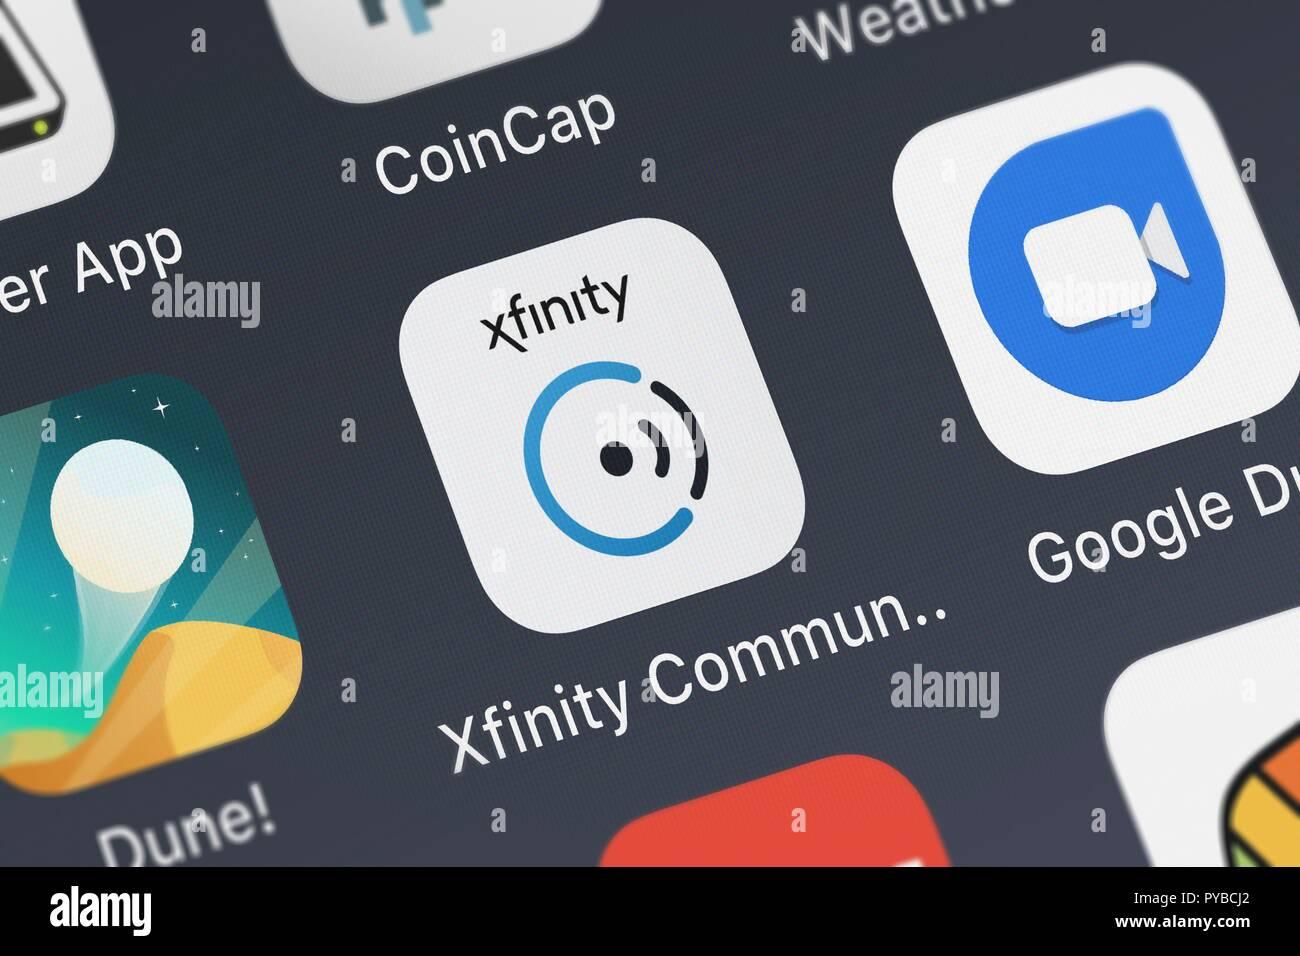 Xfinity App Stock Photos & Xfinity App Stock Images - Alamy